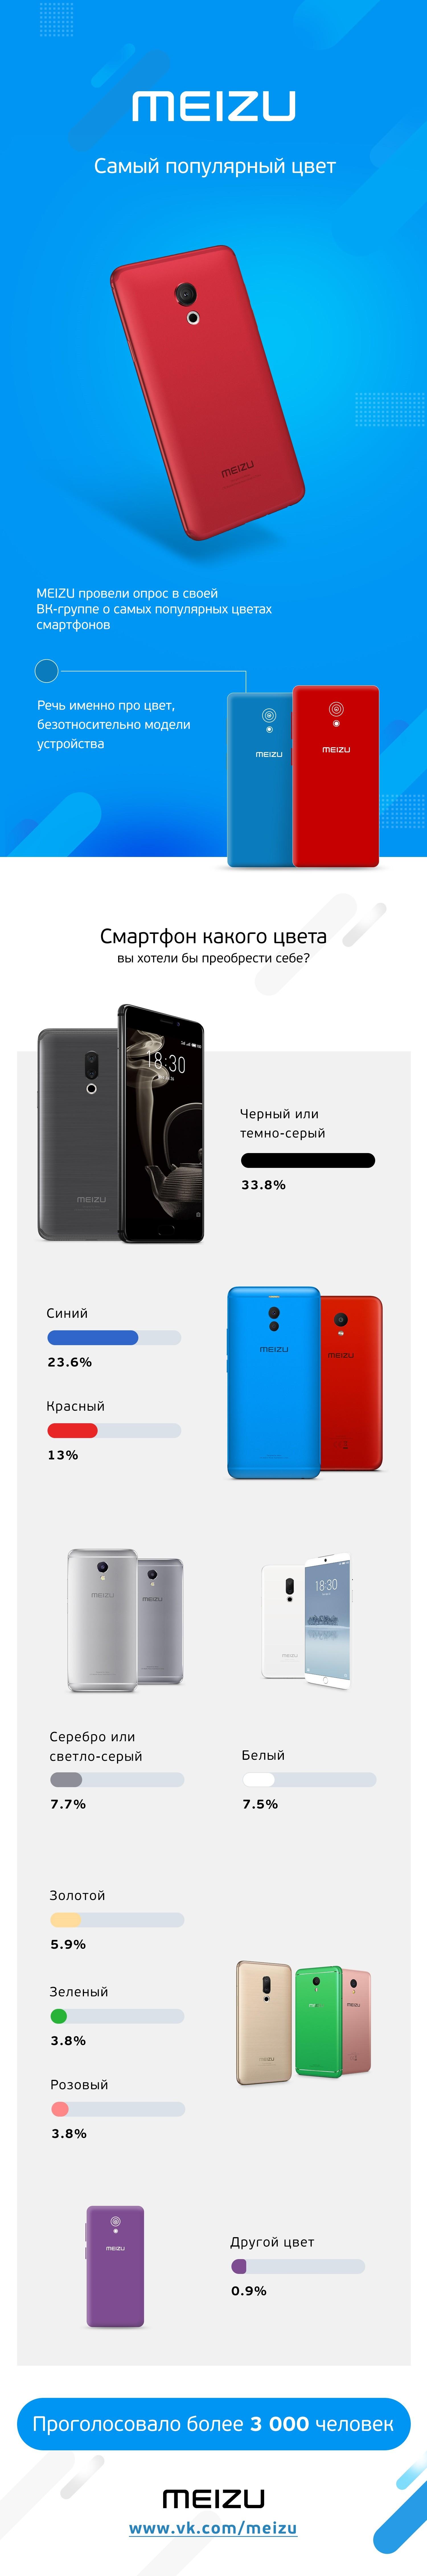 Чёрный, синий и красный — самые желаемые цвета смартфонов в России1